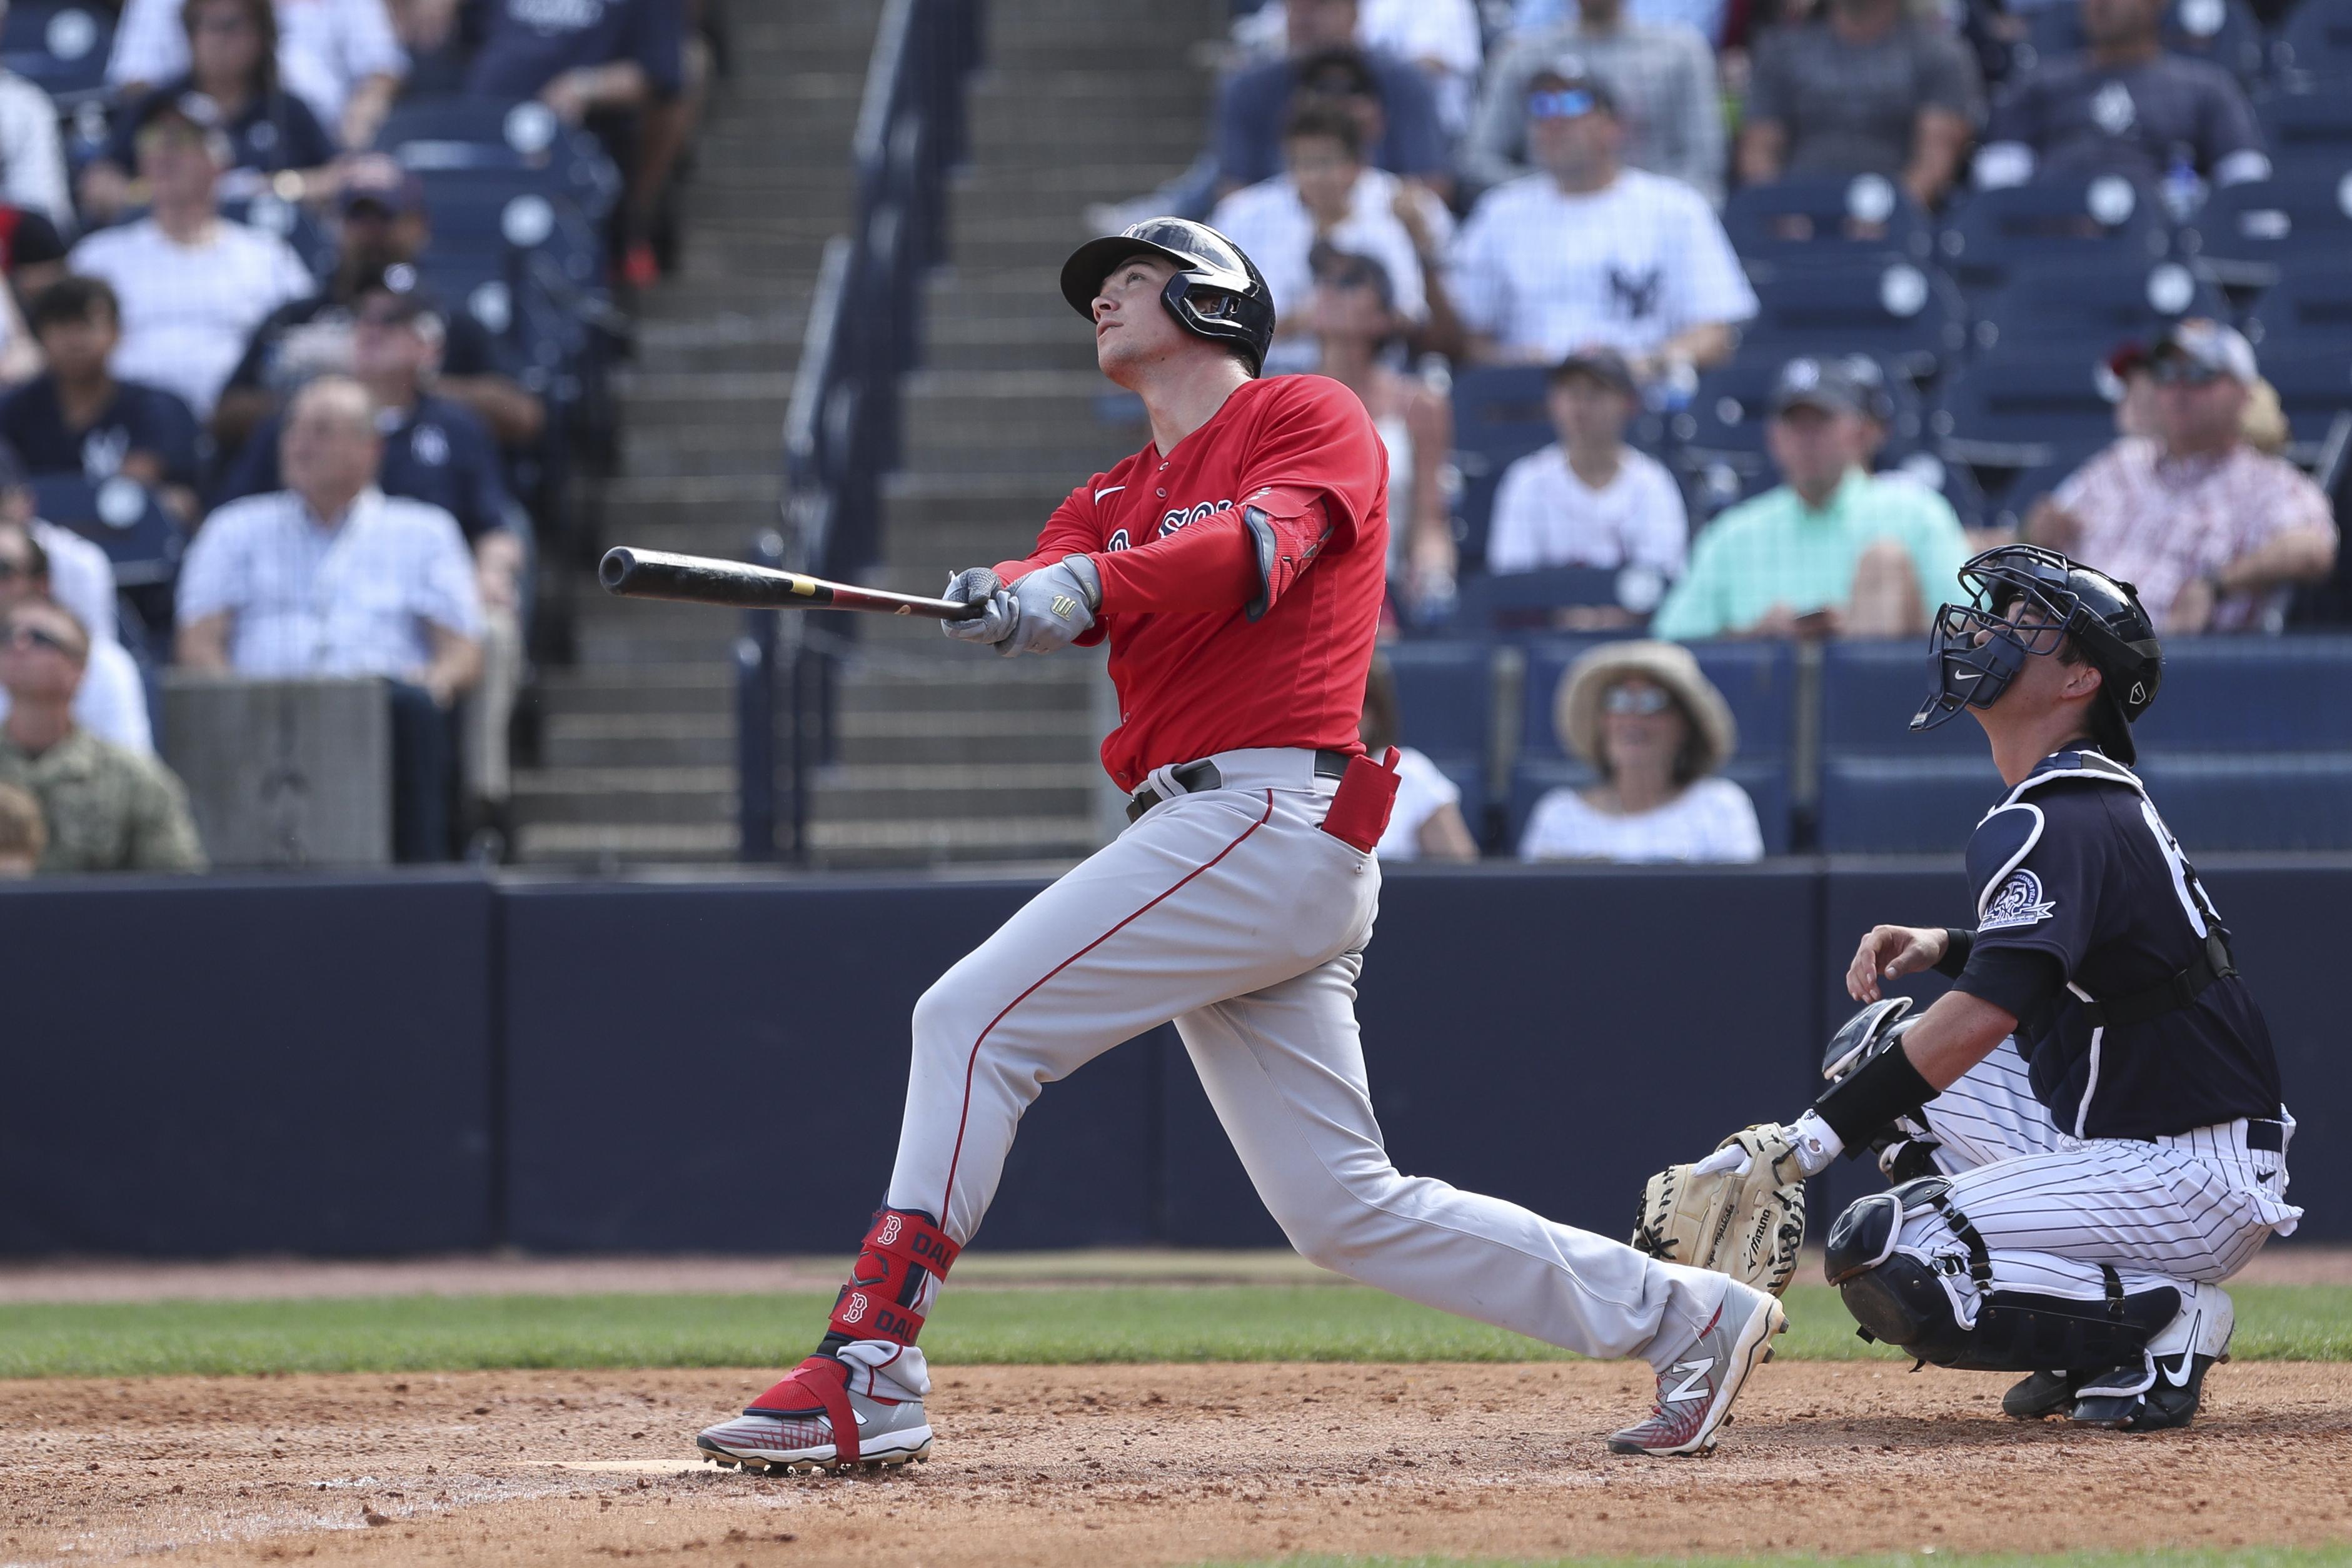 MLB: MAR 03 Spring Training - Red Sox at Yankees